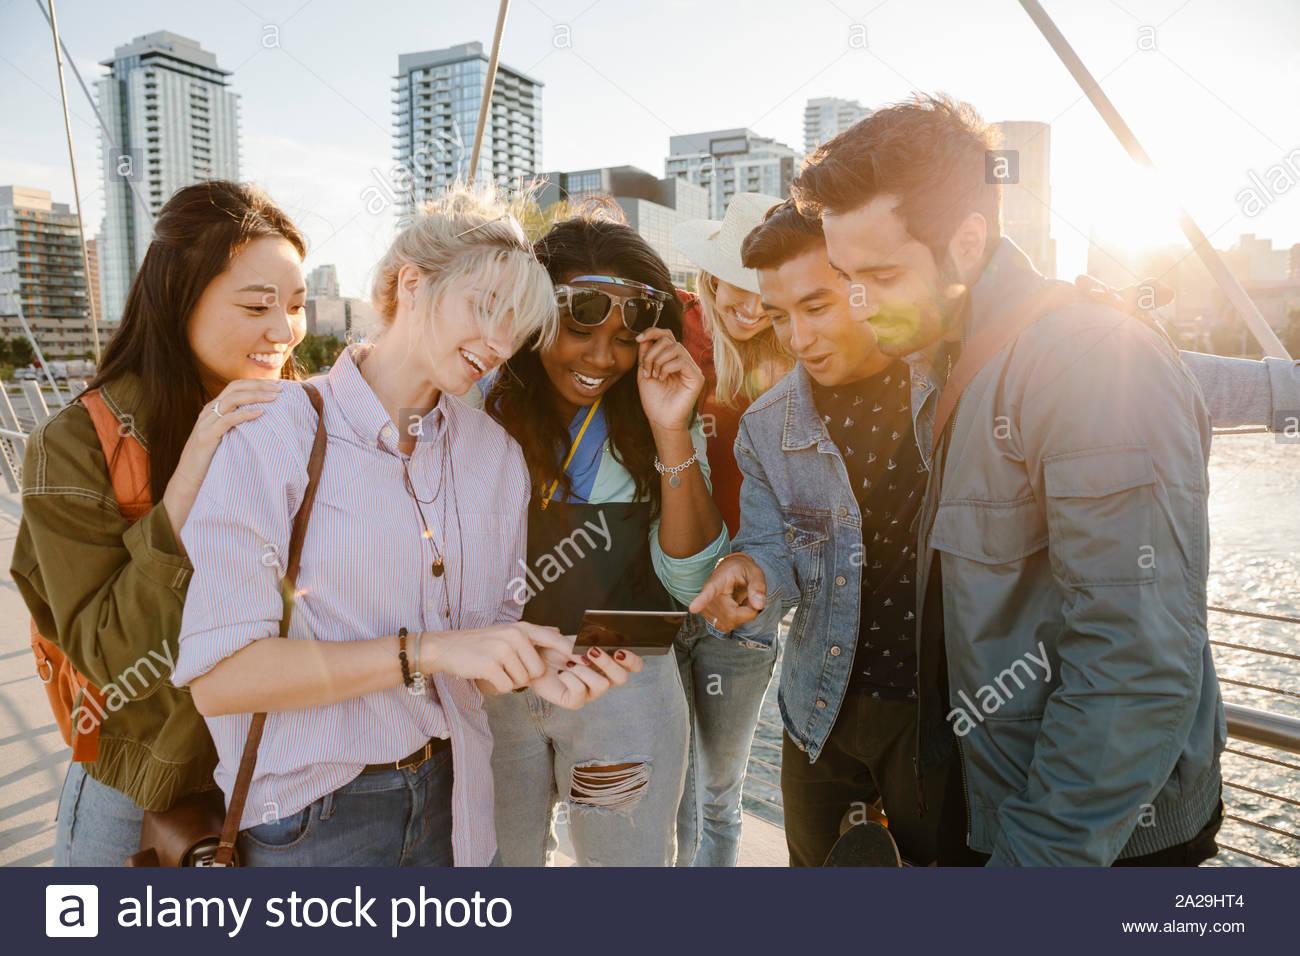 Feliz adulto joven amigos usando la tableta digital en los soleados, puente urbano Foto de stock